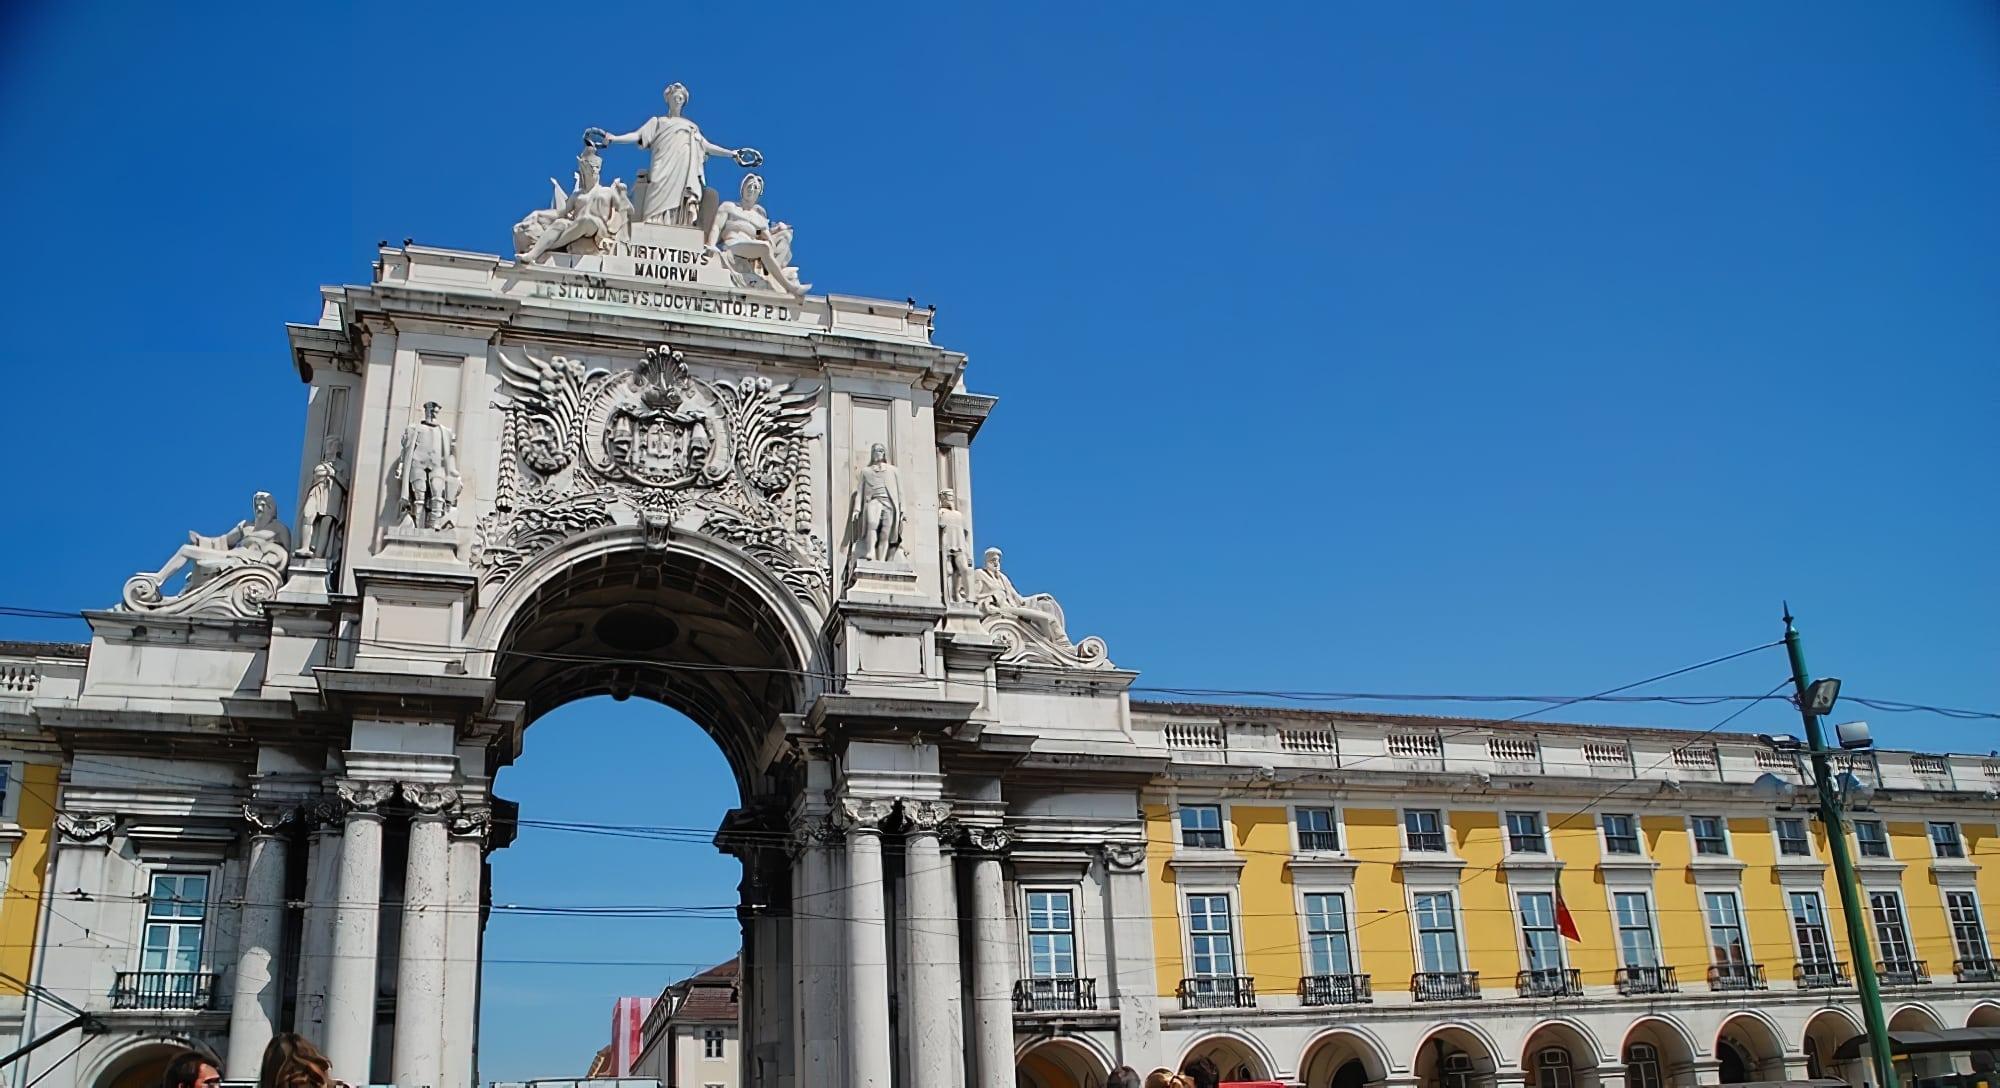 Visite de l'arc de triomphe de la Rua Augusta à Lisbonne